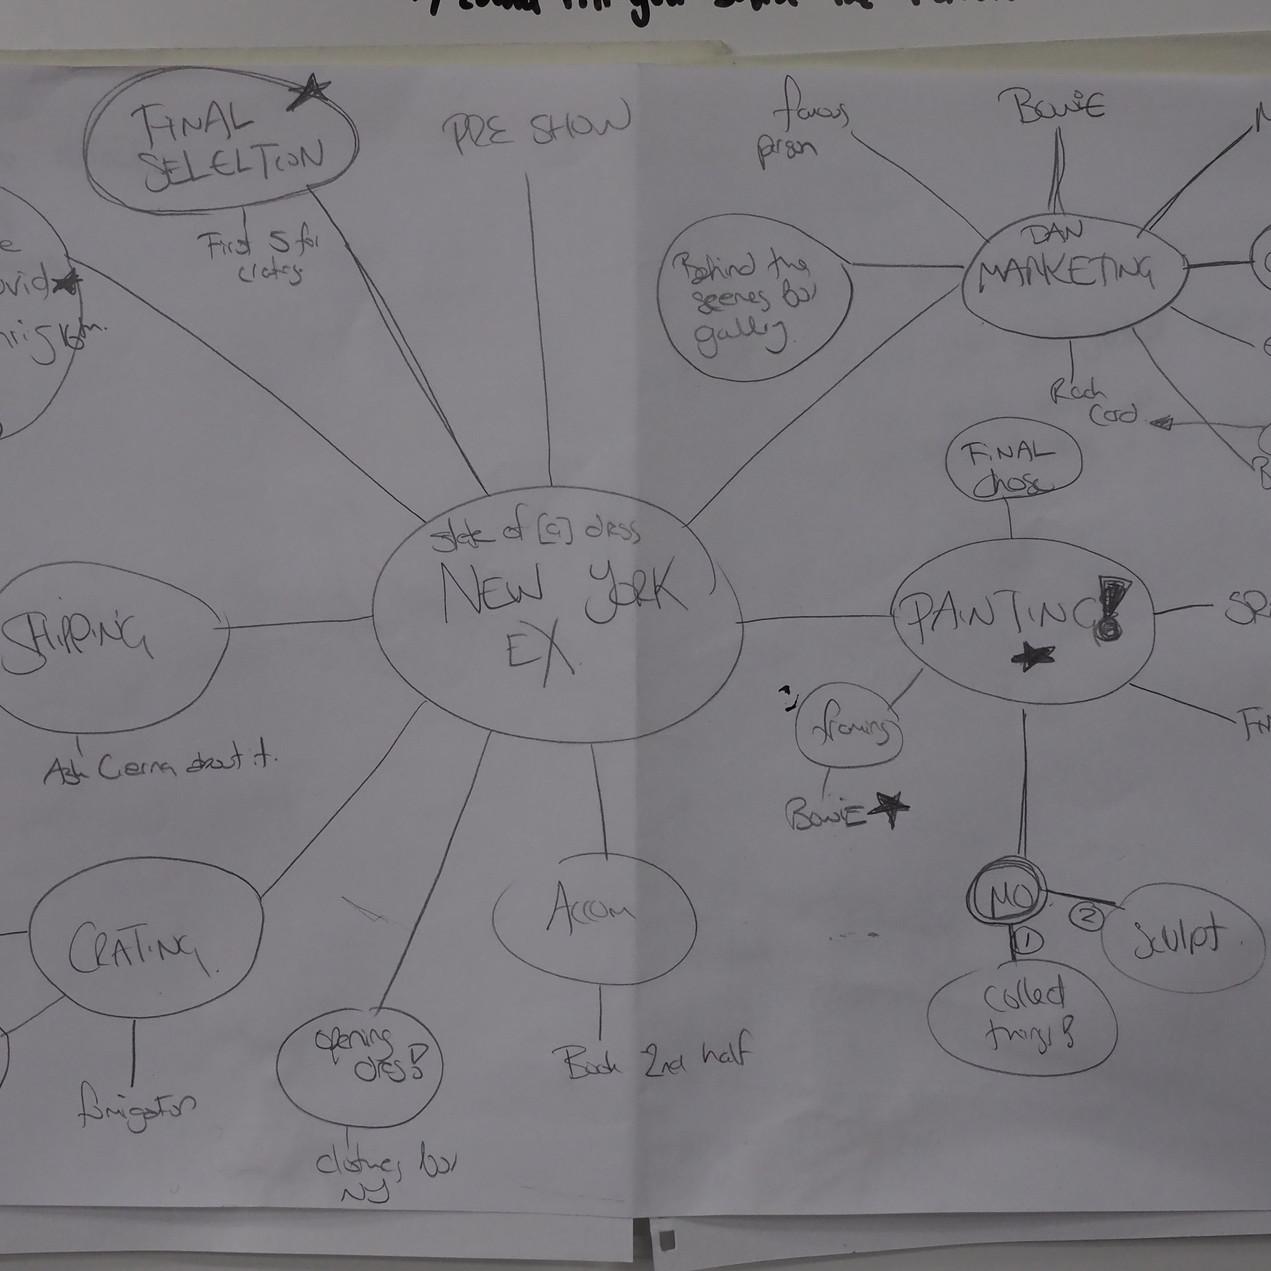 P1 Sonia Richter Mind Map